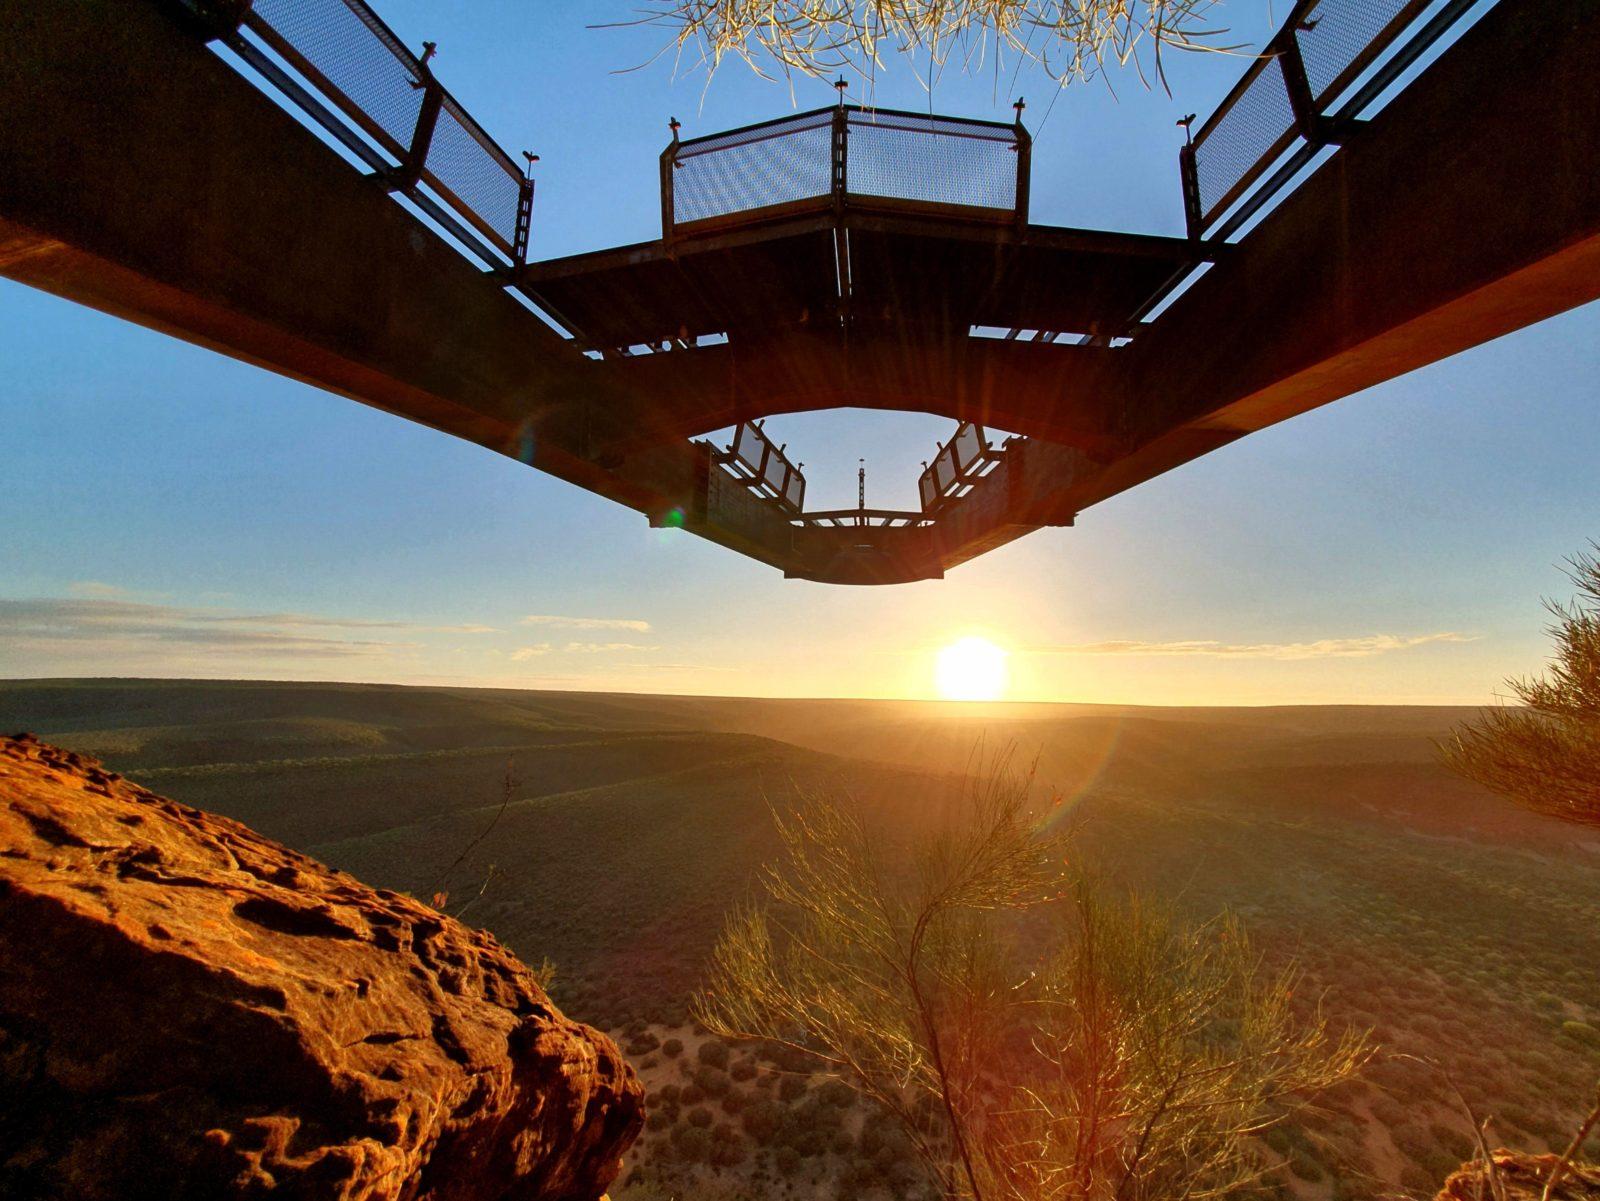 Kalbarri Skywalk Dinner Weekend, Kalbarri, Western Australia